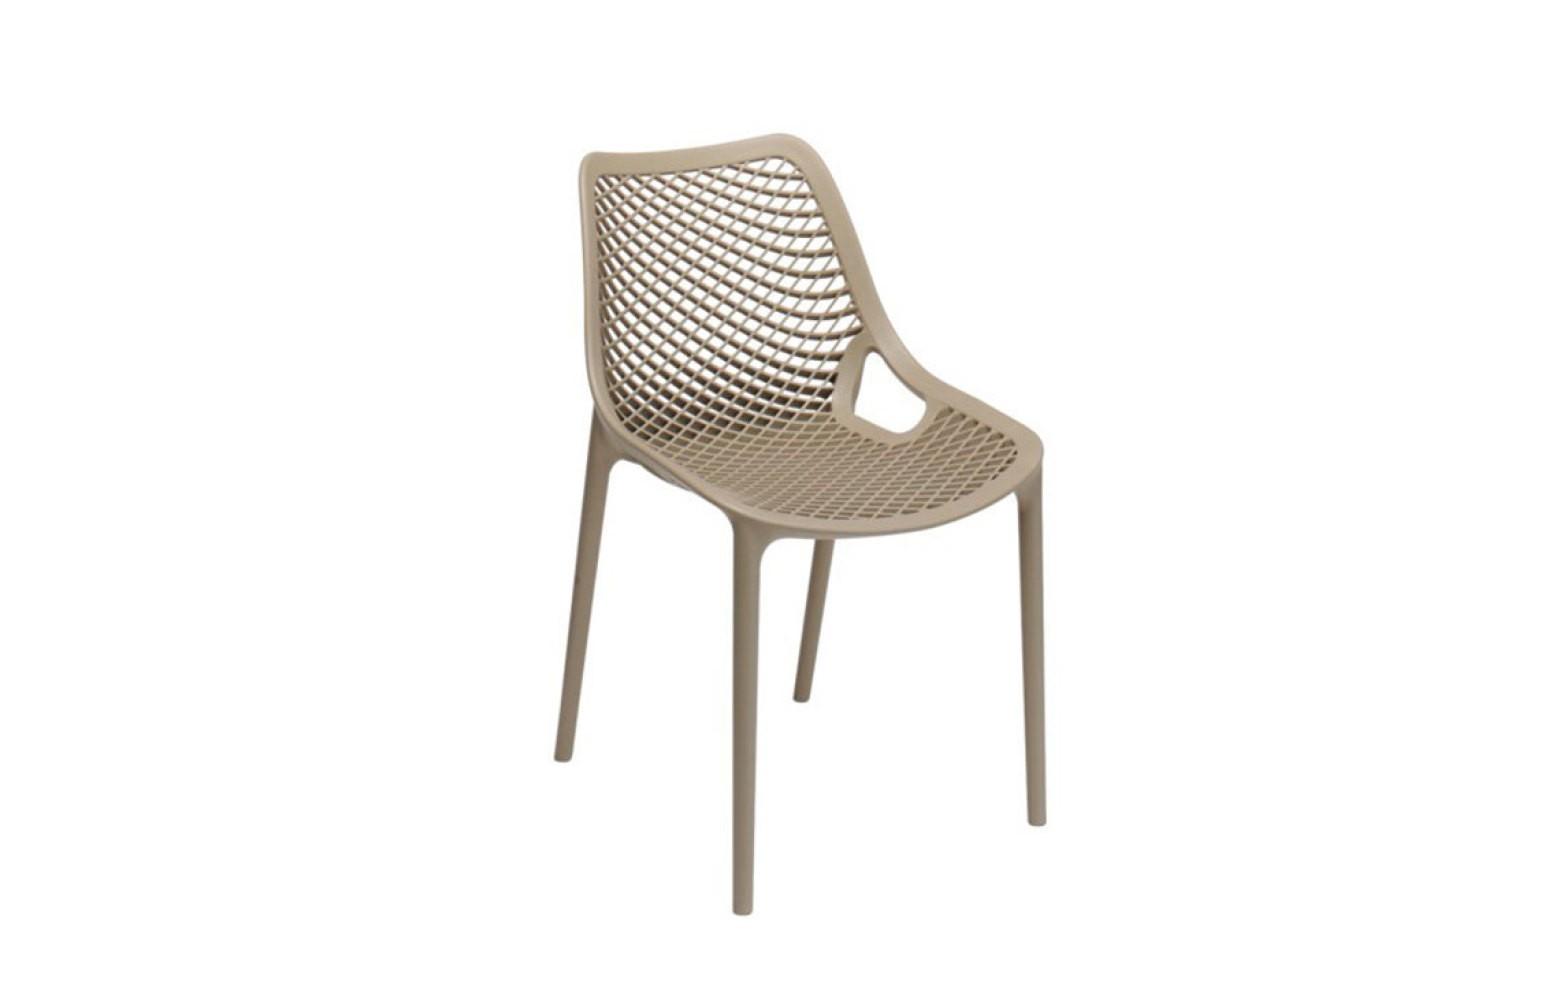 cross 2er set gartenm bel online outlet who 39 s perfect. Black Bedroom Furniture Sets. Home Design Ideas